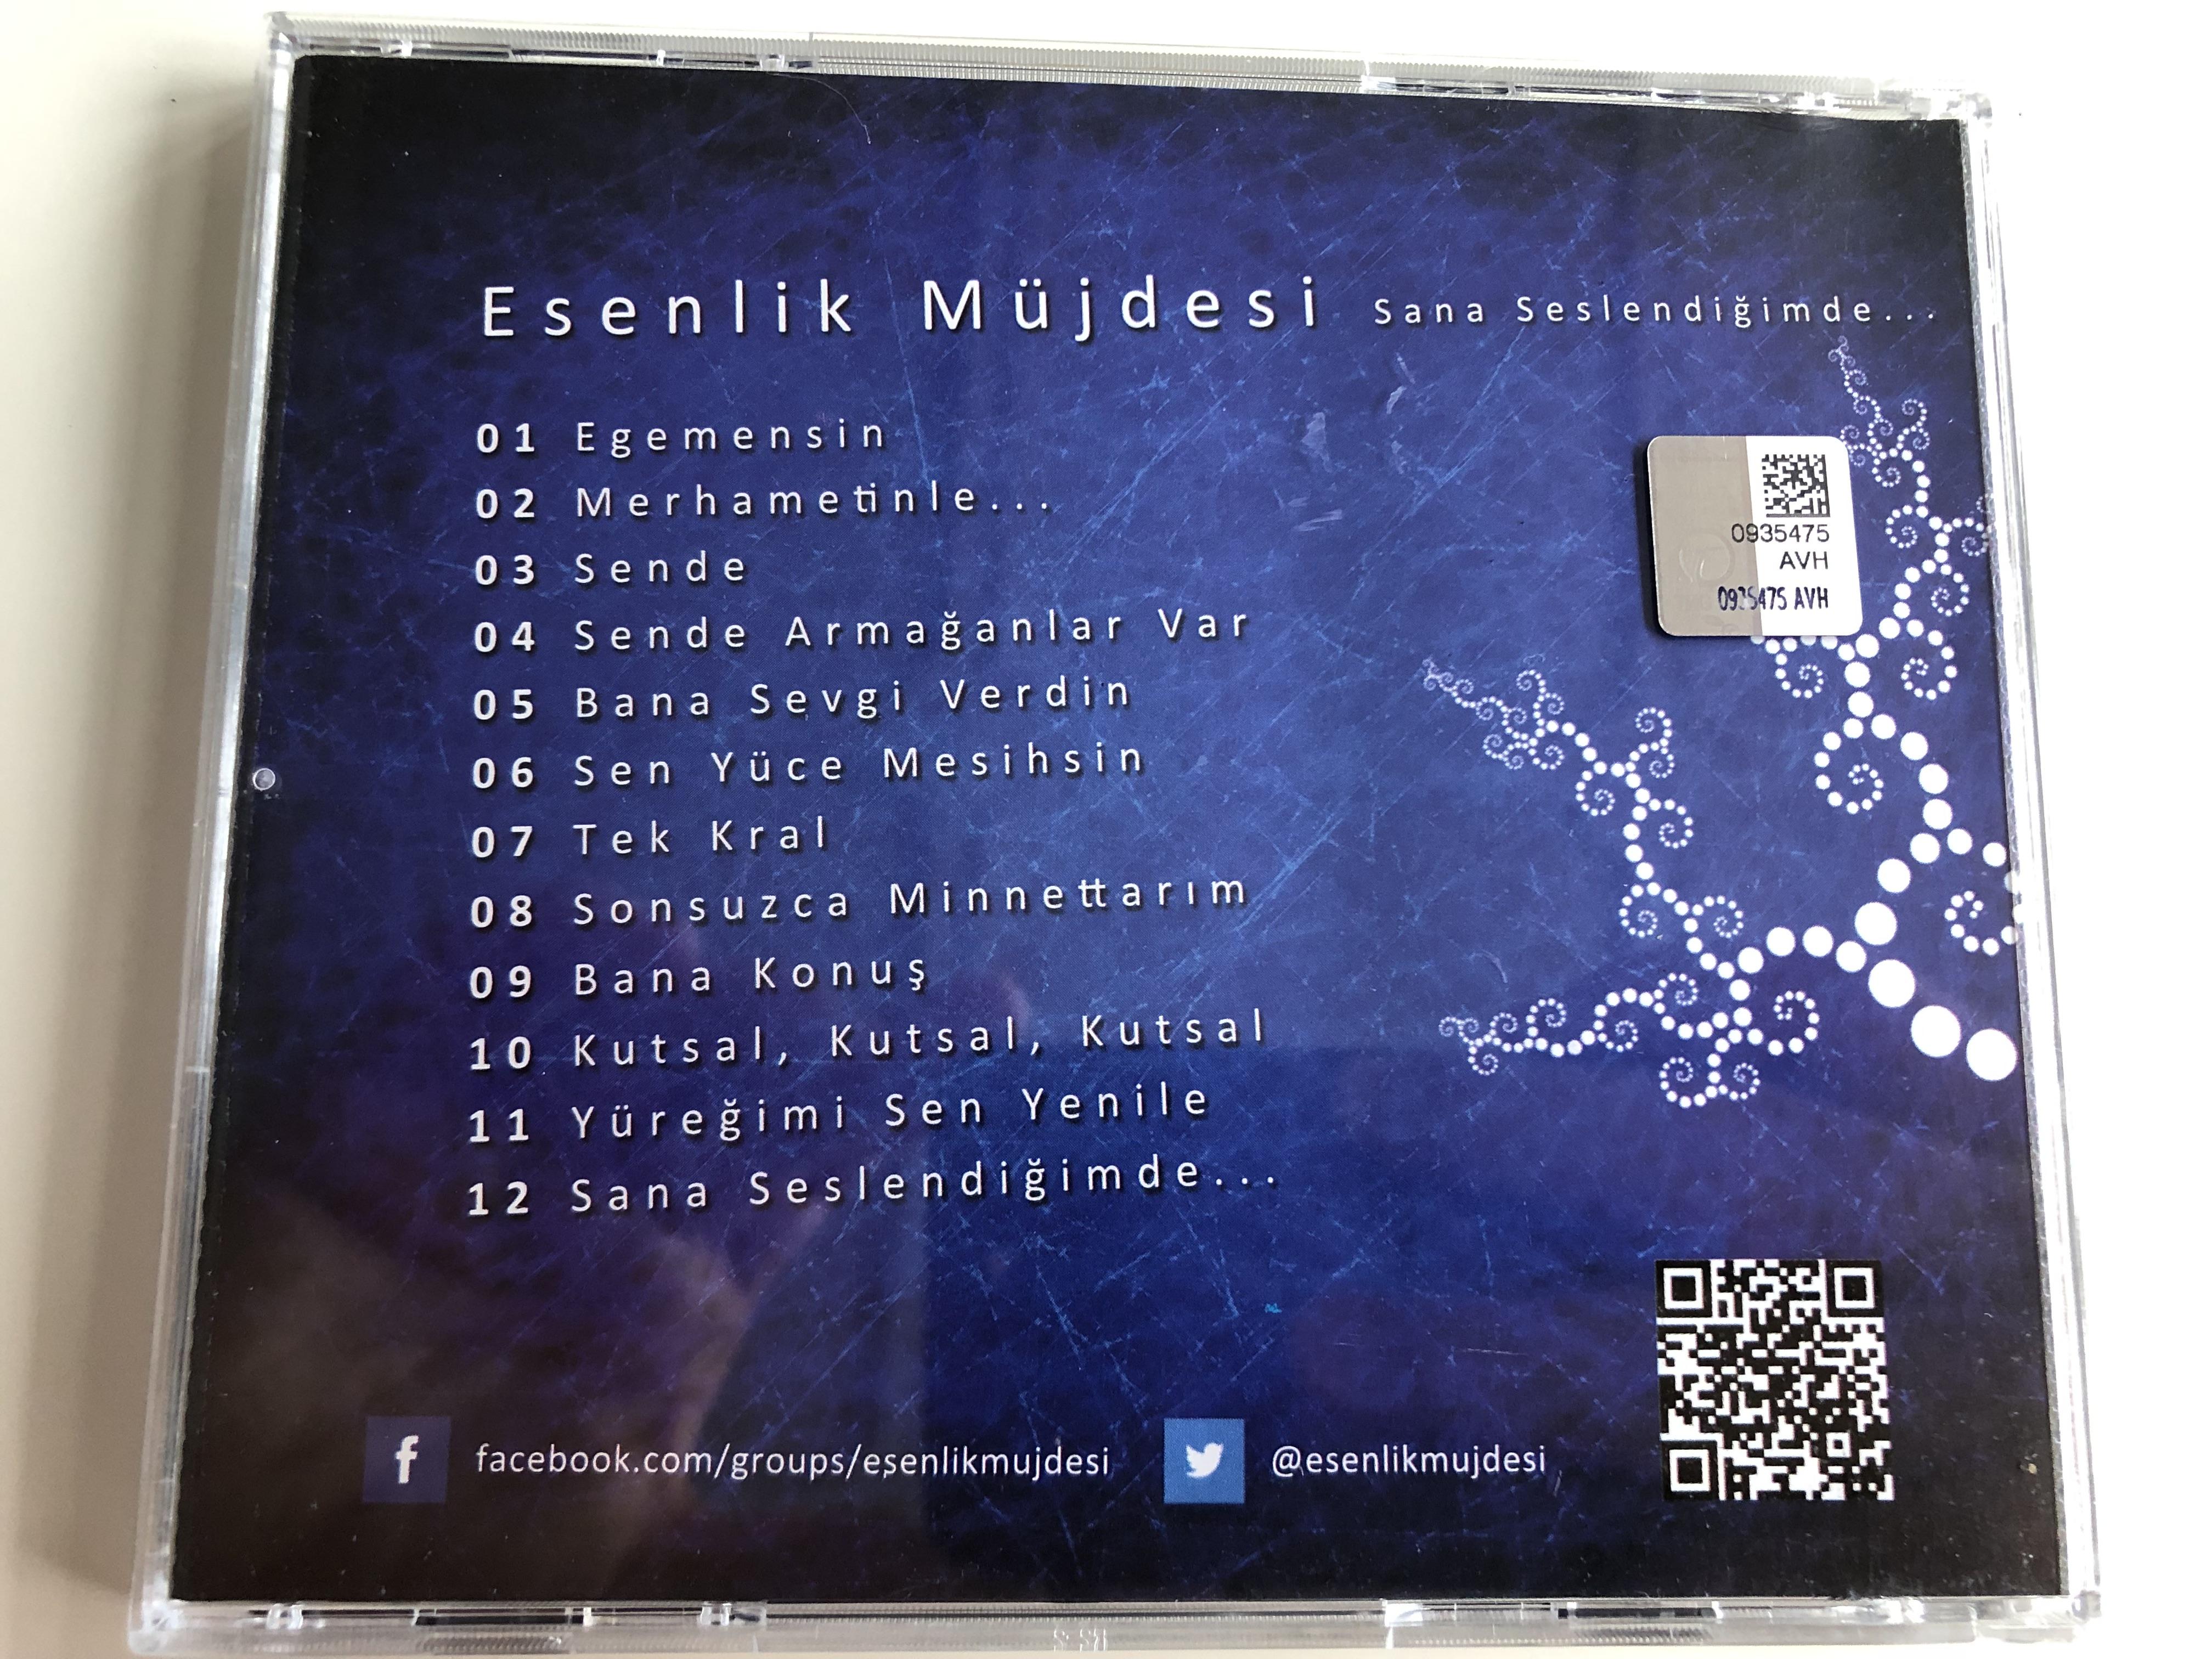 sana-seslendi-imde-esenlik-m-jdesi-turkish-cd-when-i-call-you-gospel-turkish-gospel-and-worship-songs-8-.jpg